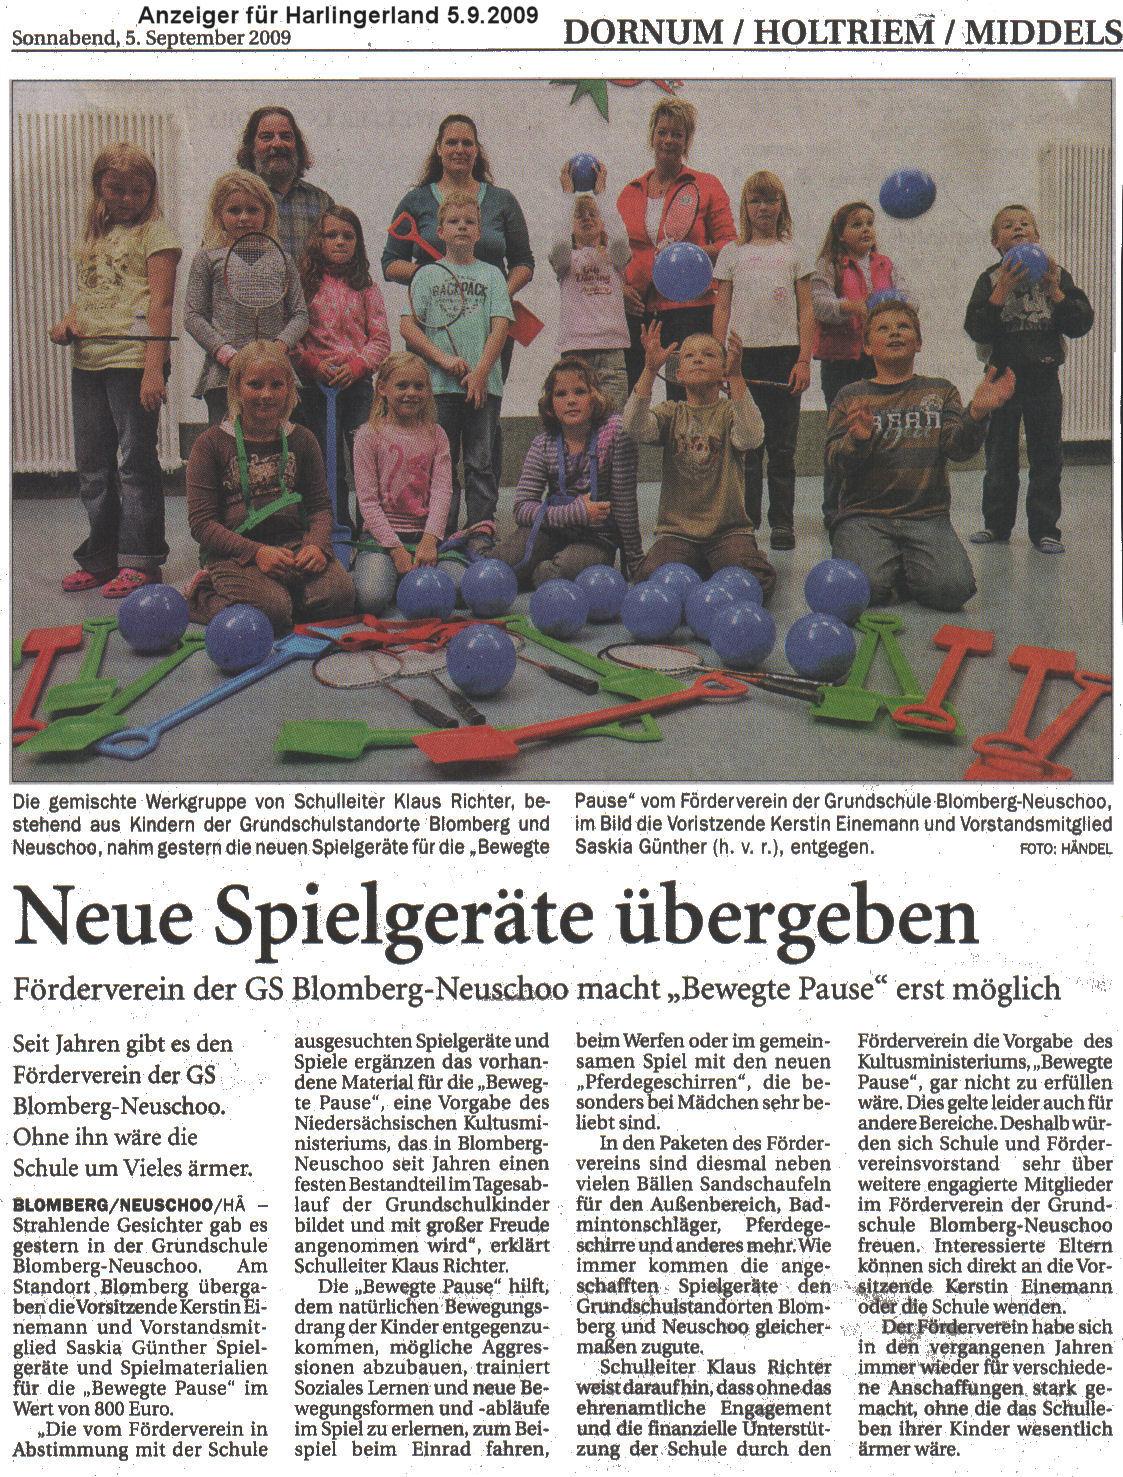 Anzeiger für Harlingerland 5.9.2009